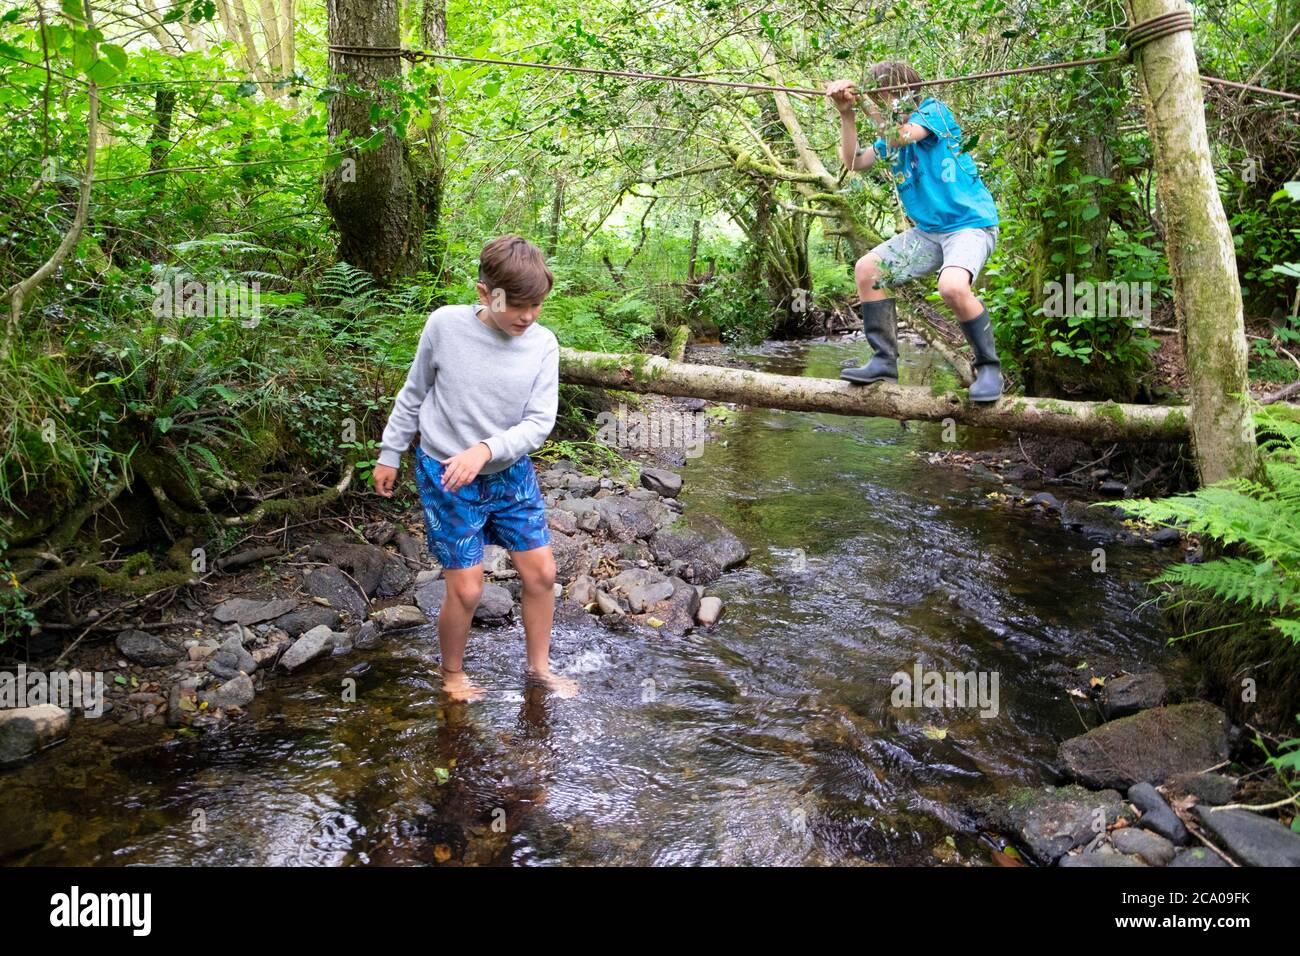 Ragazzi bambini bambini bambini in vacanza estiva dopo aver chiuso i giochi Ruscello in verde campagna boscosa sulla staycation Carmarthenshire Galles UK KATHY DEWITT Foto Stock